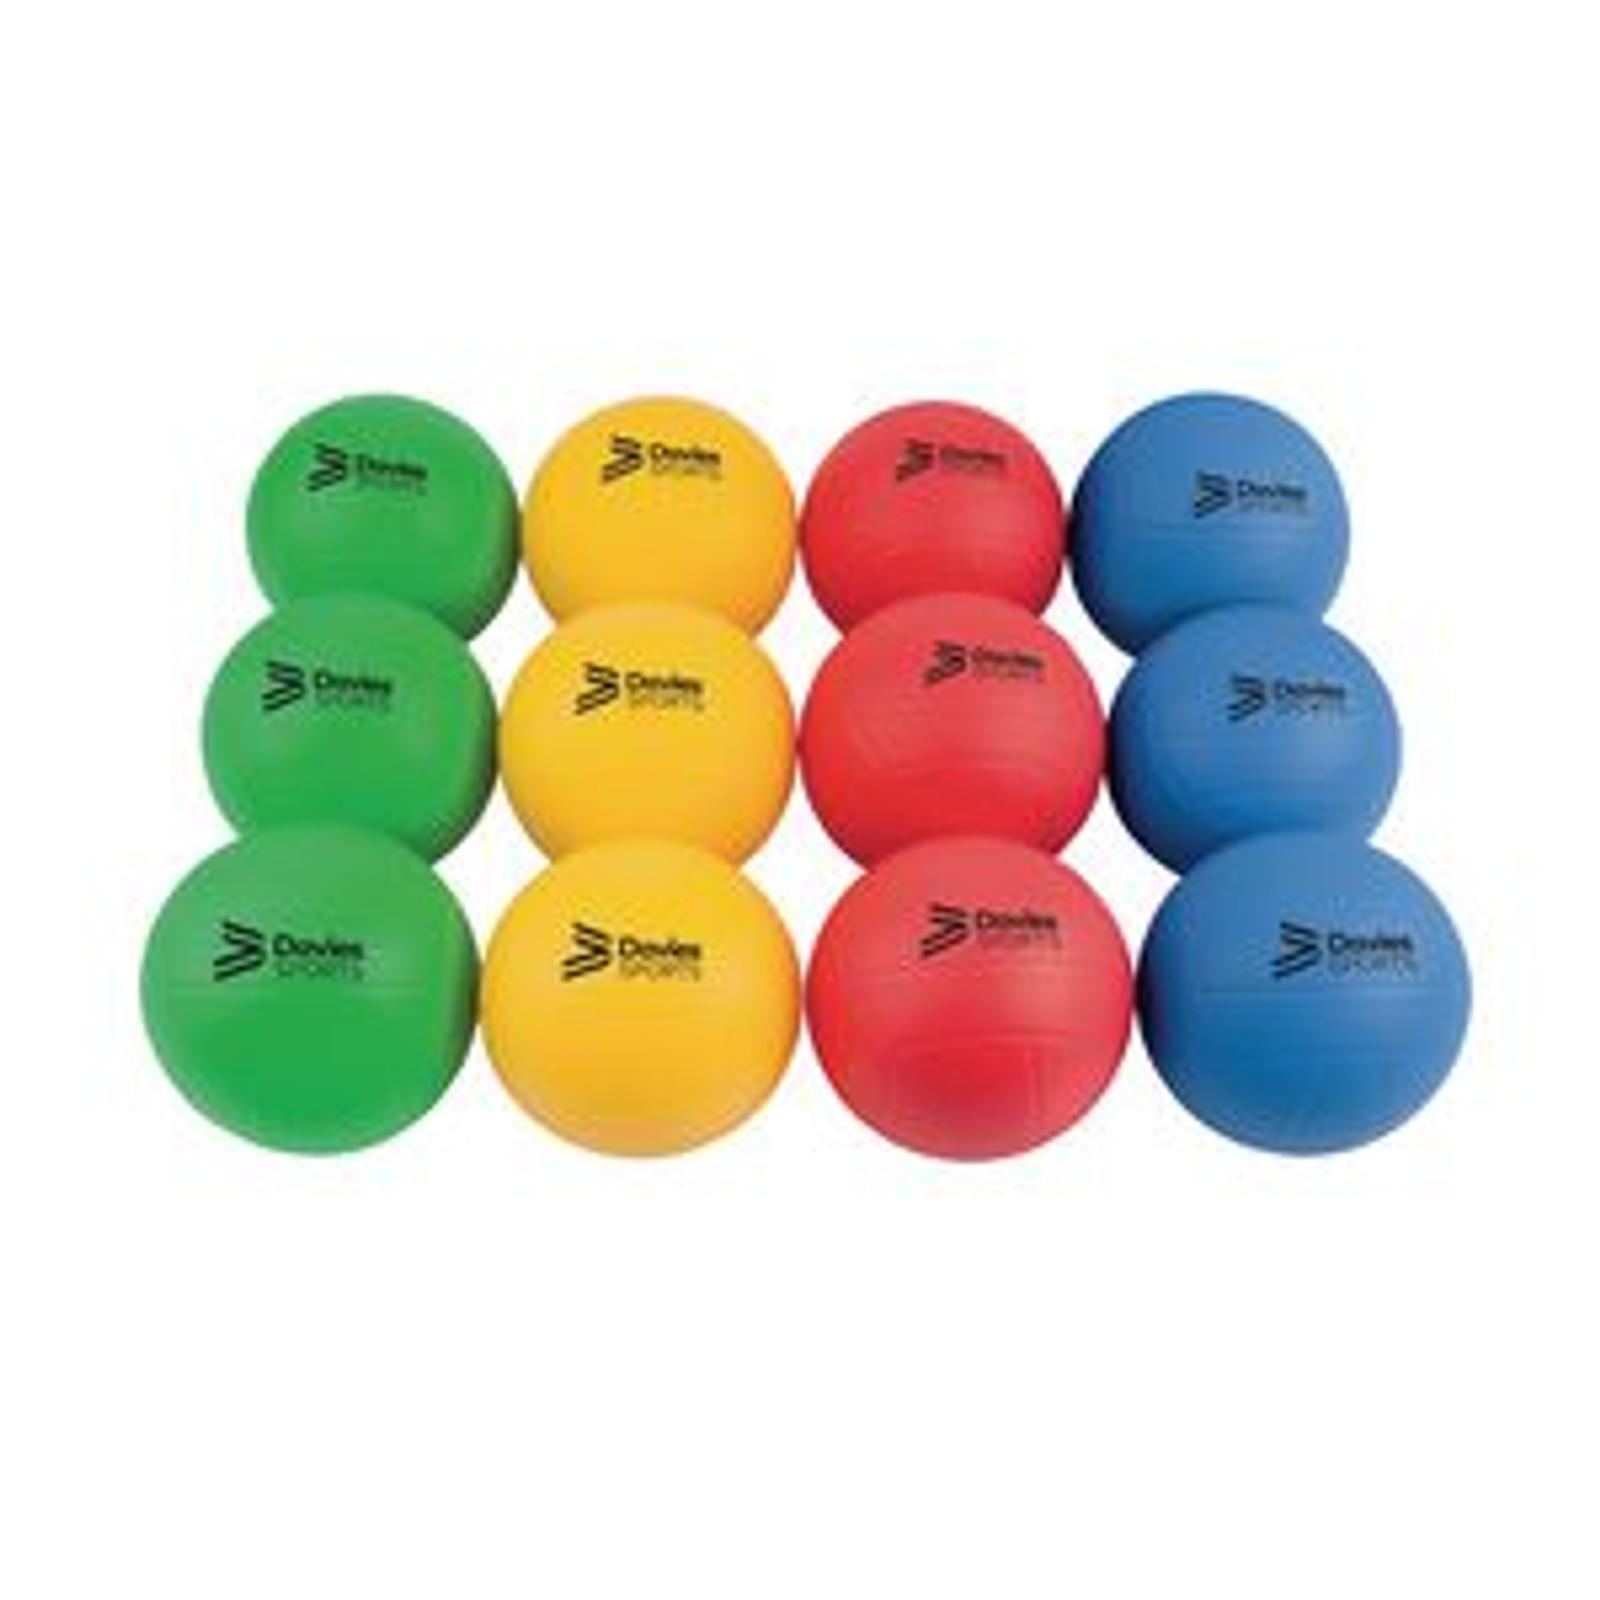 Playground Balls 215mm - Pack of 12